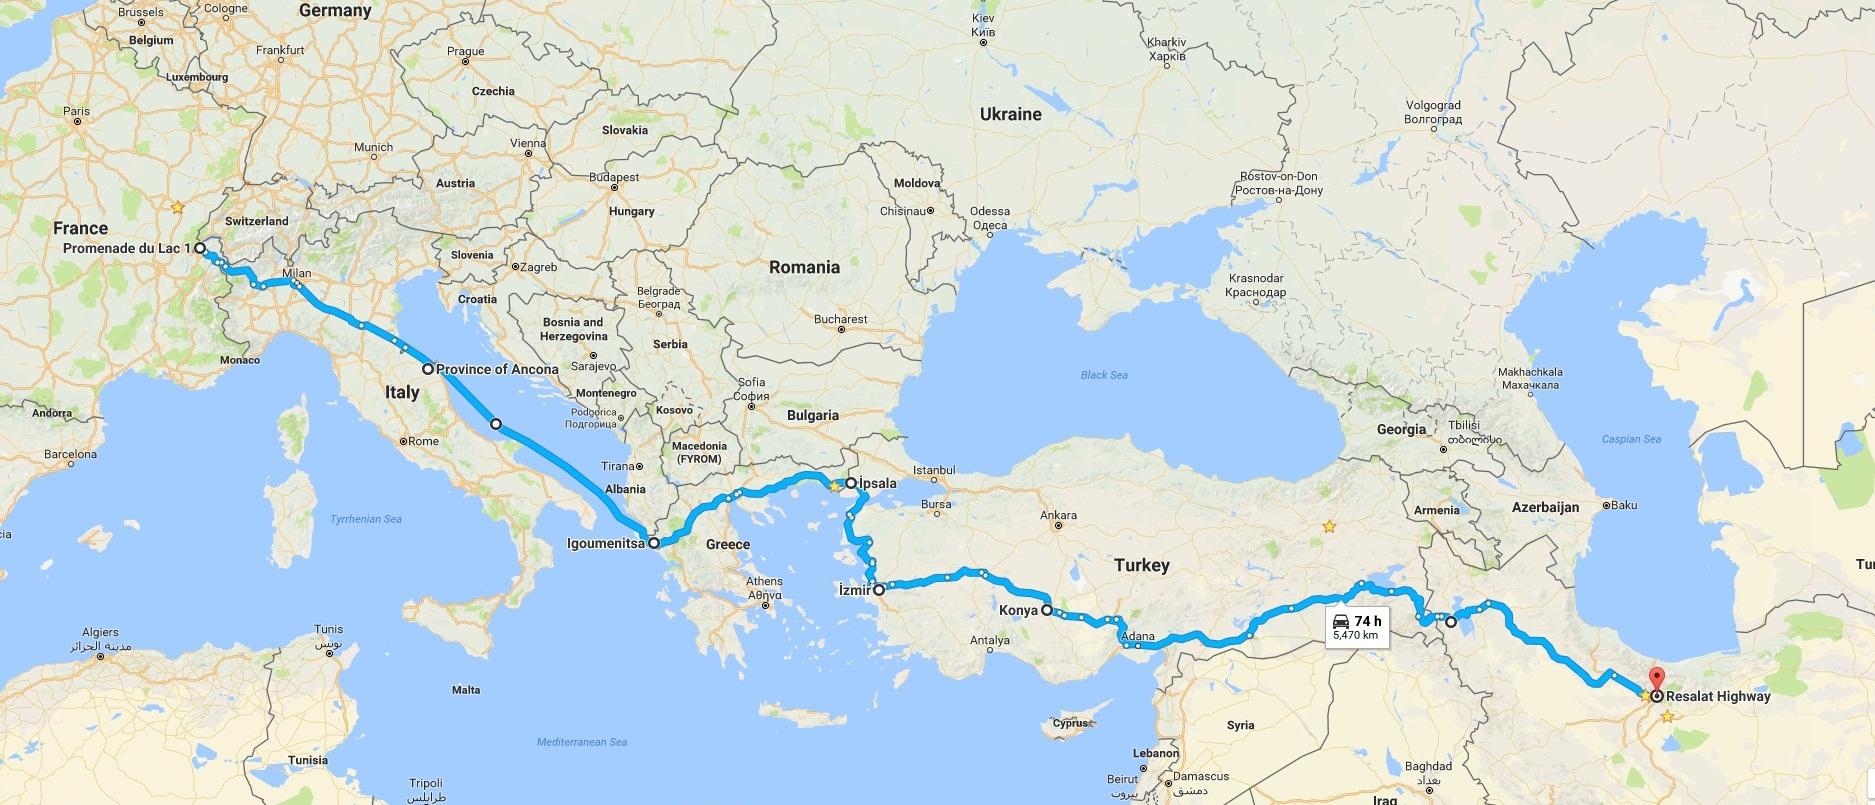 مسیر حرکت از سوئیس به تهران